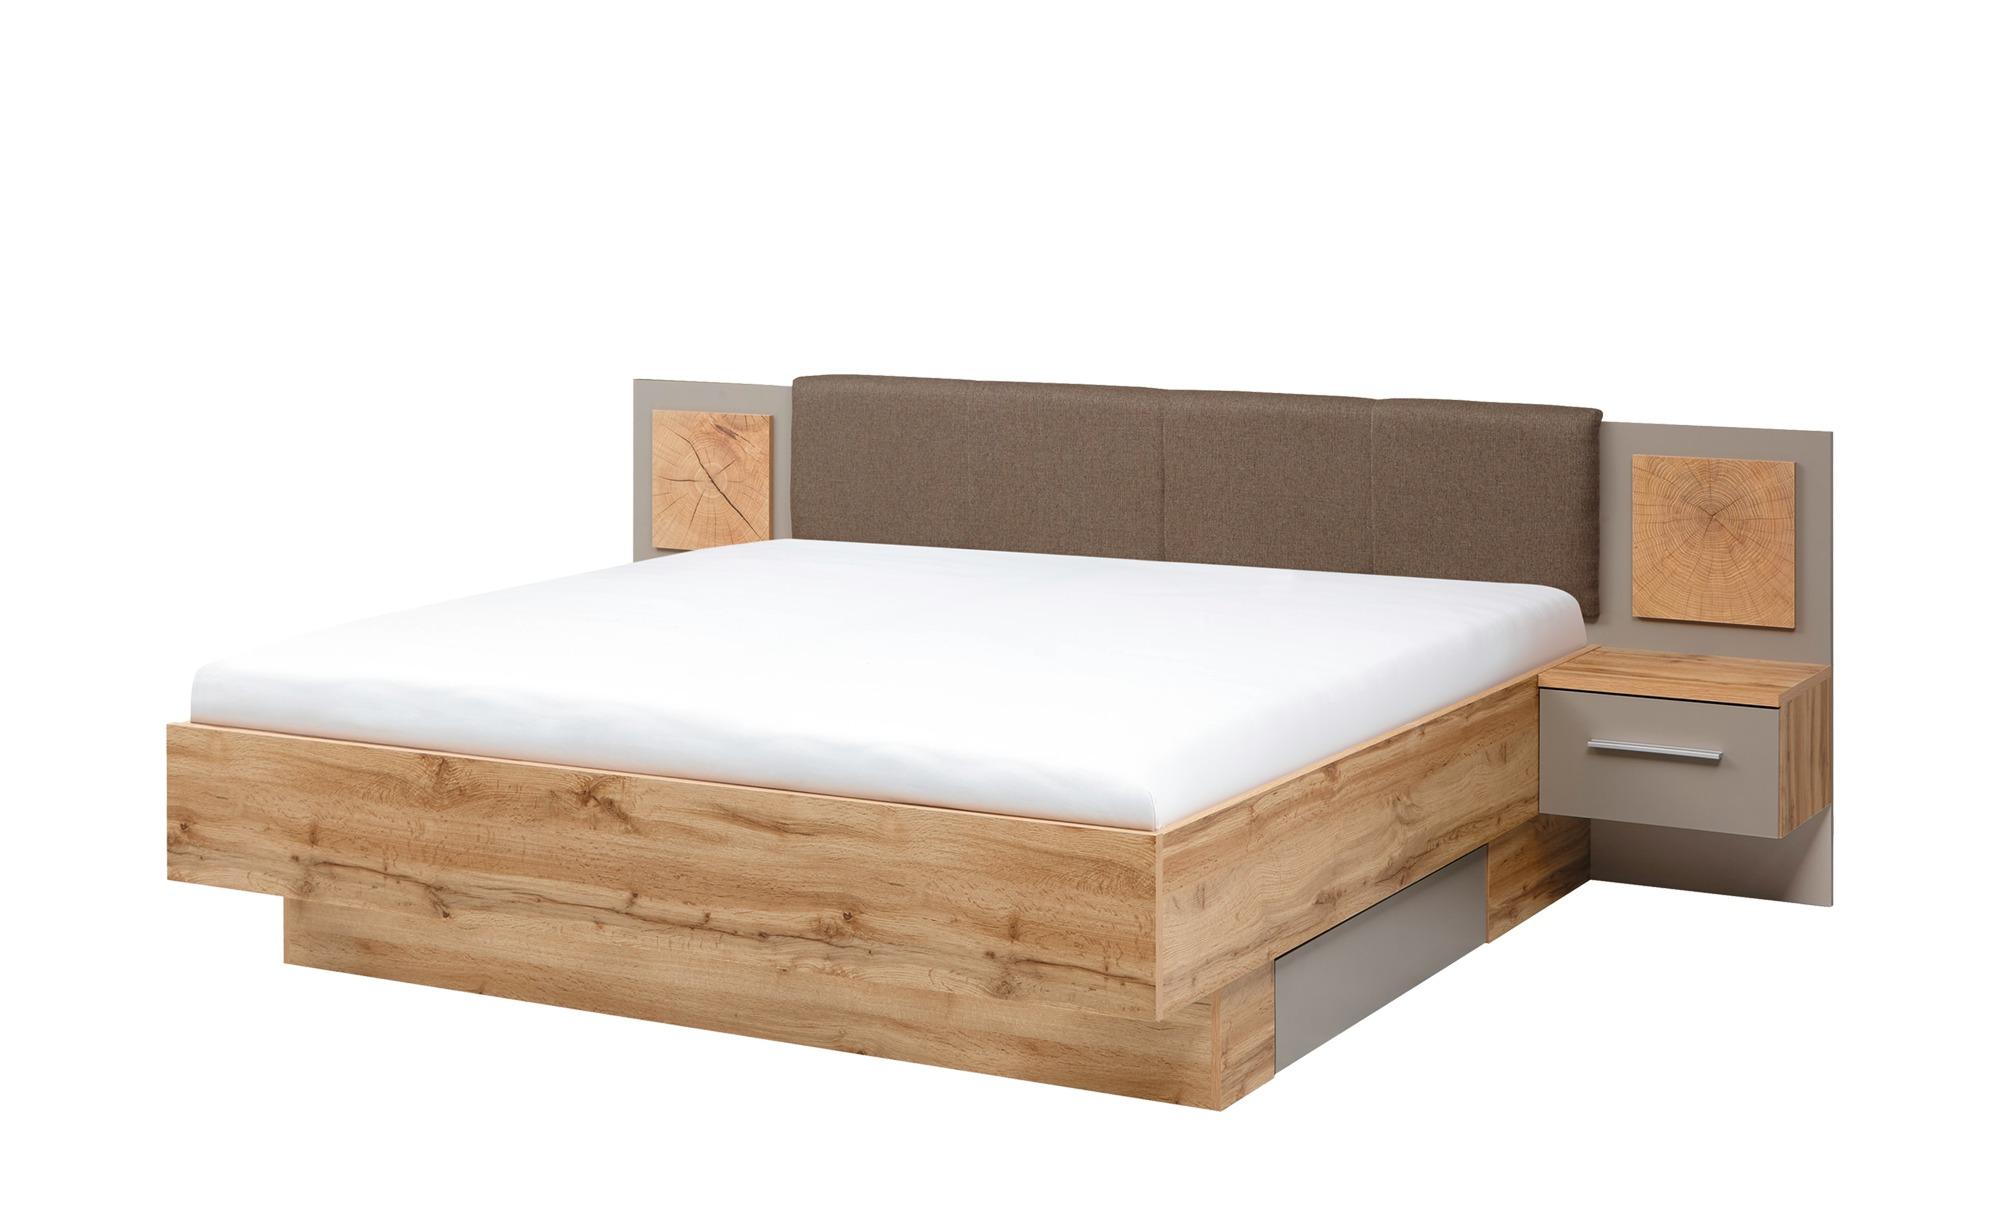 uno Komplett-Schlafzimmer, 3-teilig  Campus ¦ holzfarben ¦ Maße (cm): B: 270 H: 225 T: 61 Komplett-Schlafzimmer - Höffner